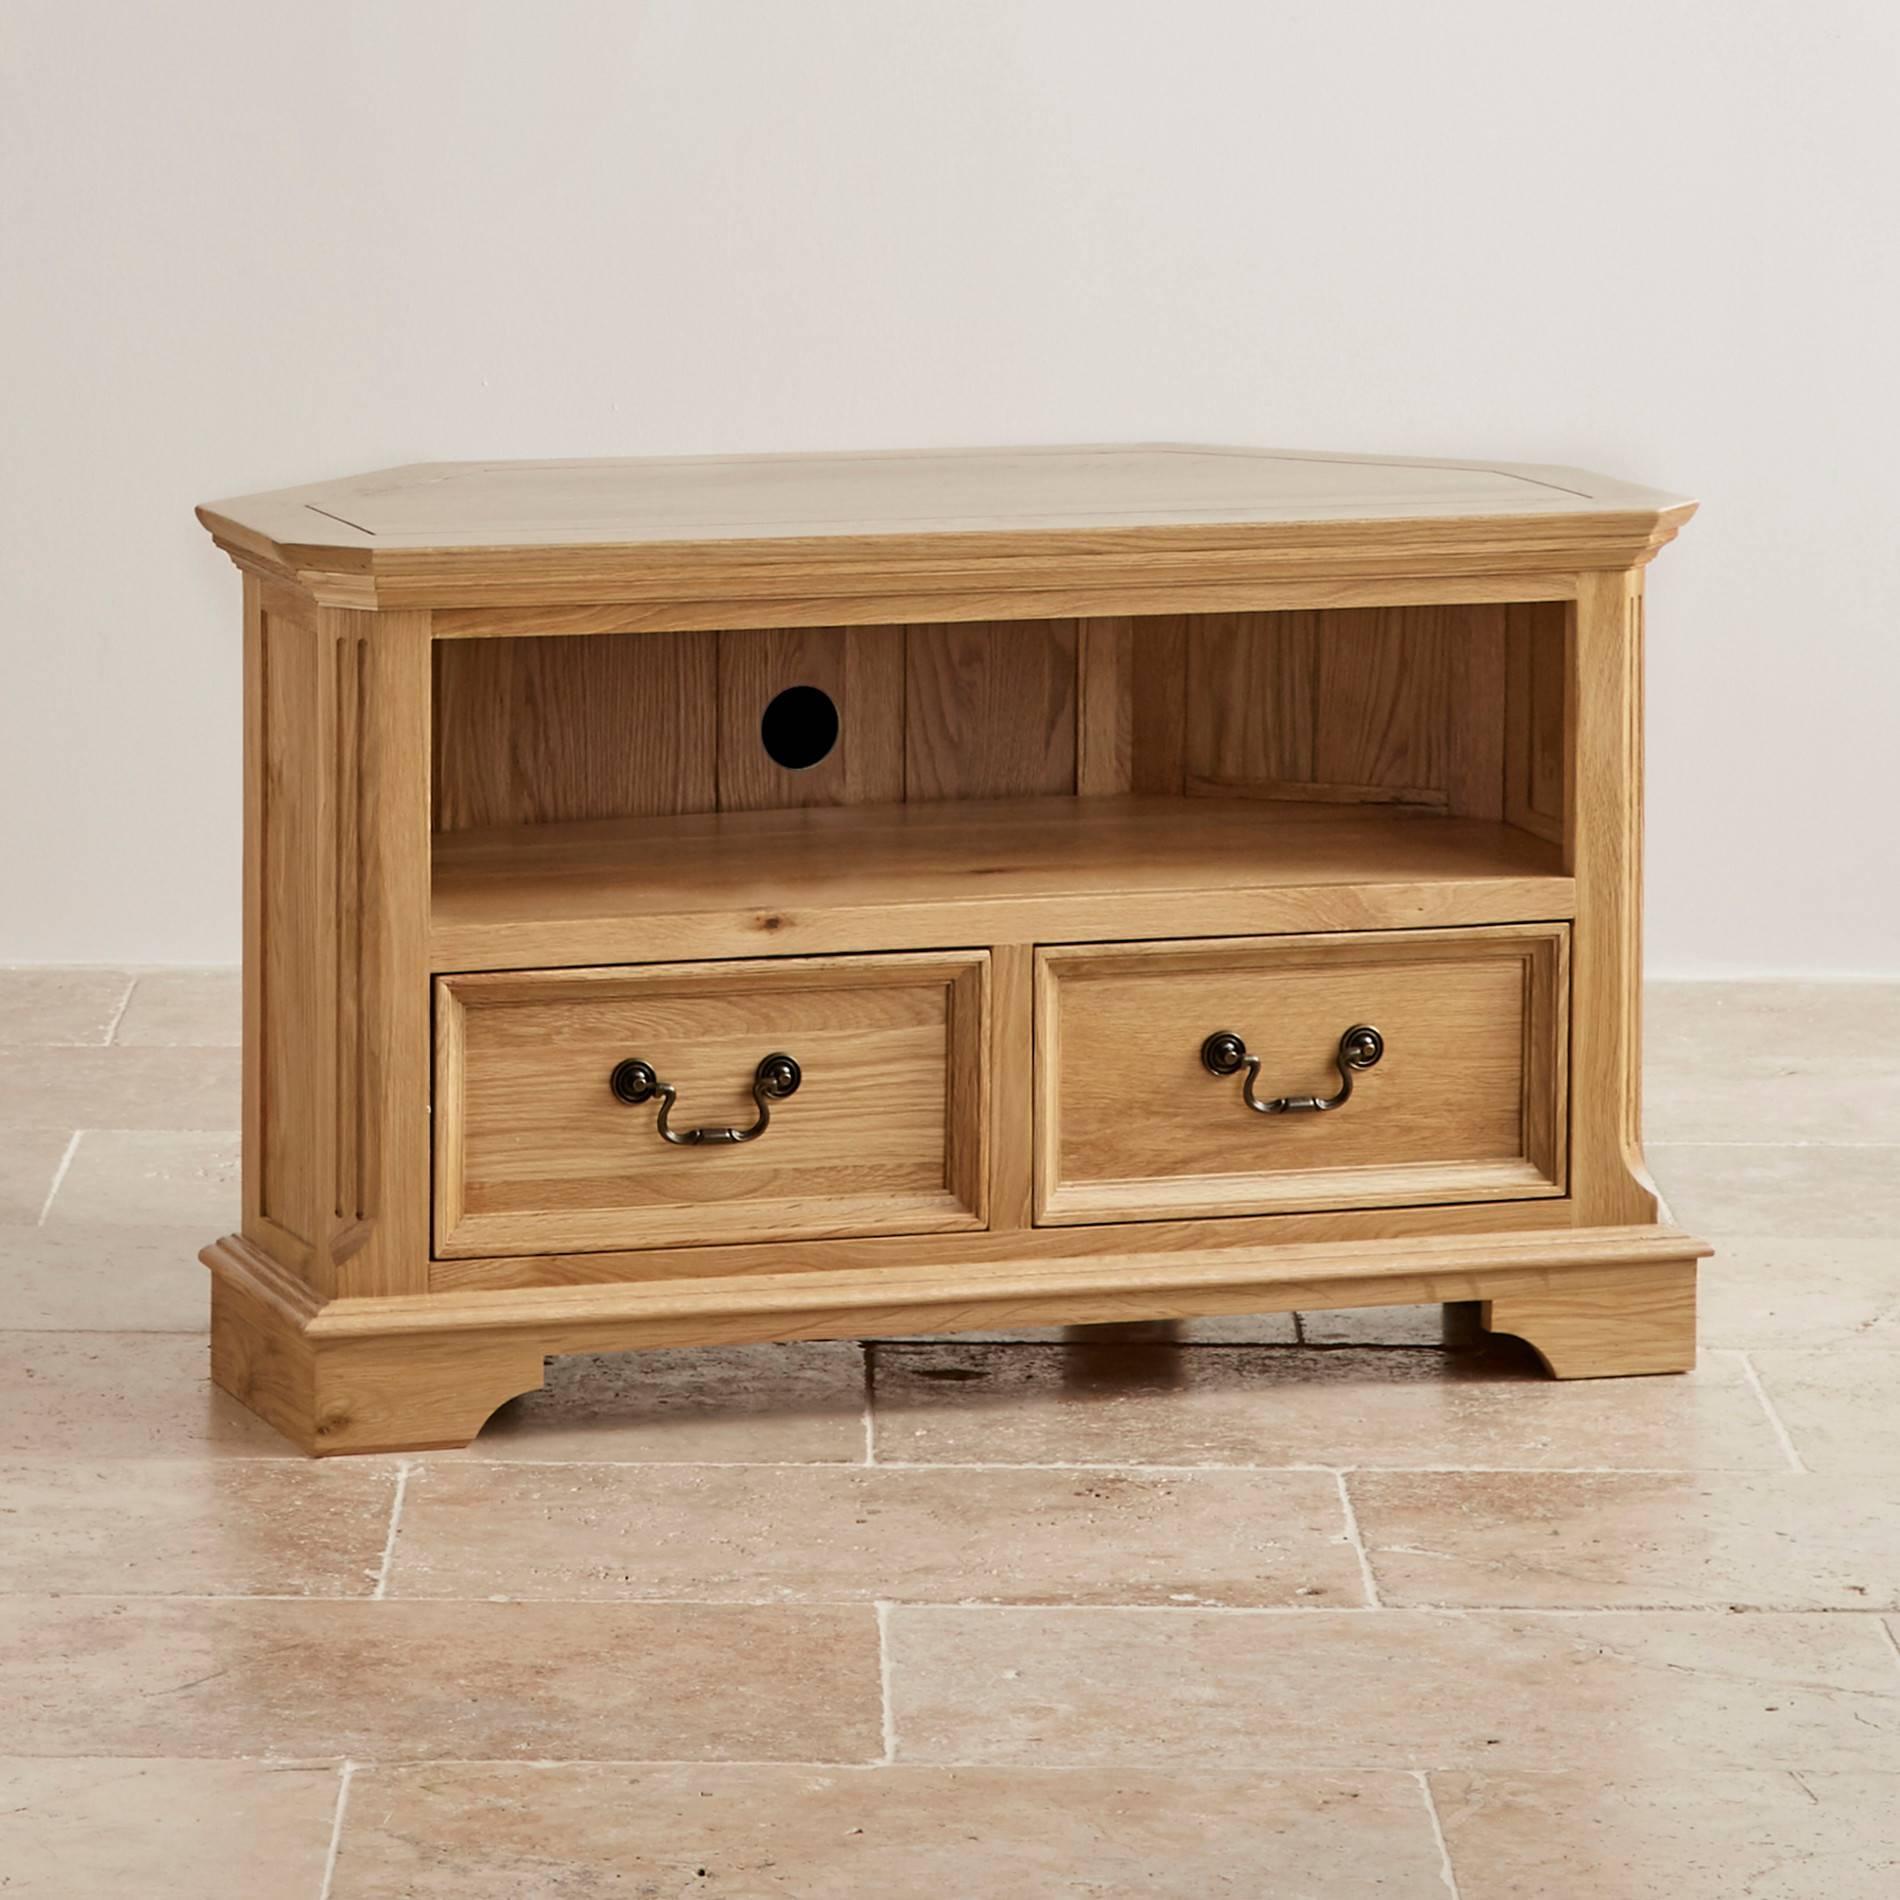 Edinburgh Corner Tv Cabinet In Solid Oak | Oak Furniture Land with regard to Solid Oak Corner Tv Cabinets (Image 6 of 15)